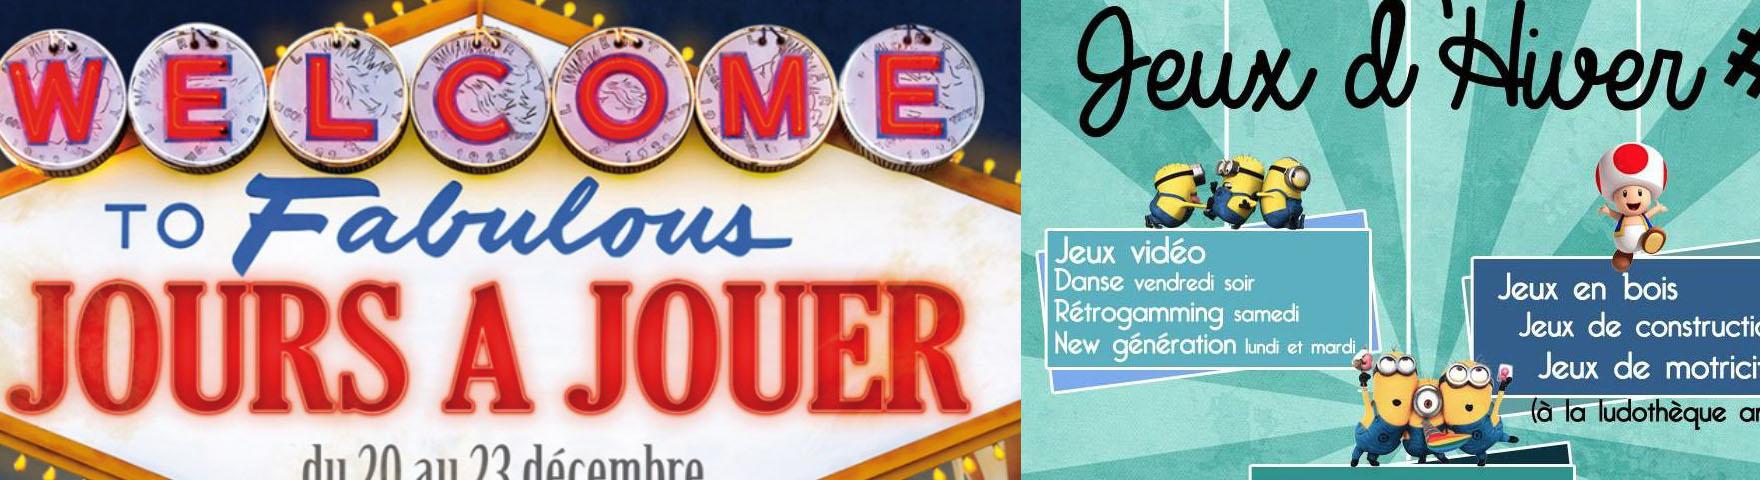 Jeux d'Hiver et Jours à jouer : Les jeux-vidéo à Angers !